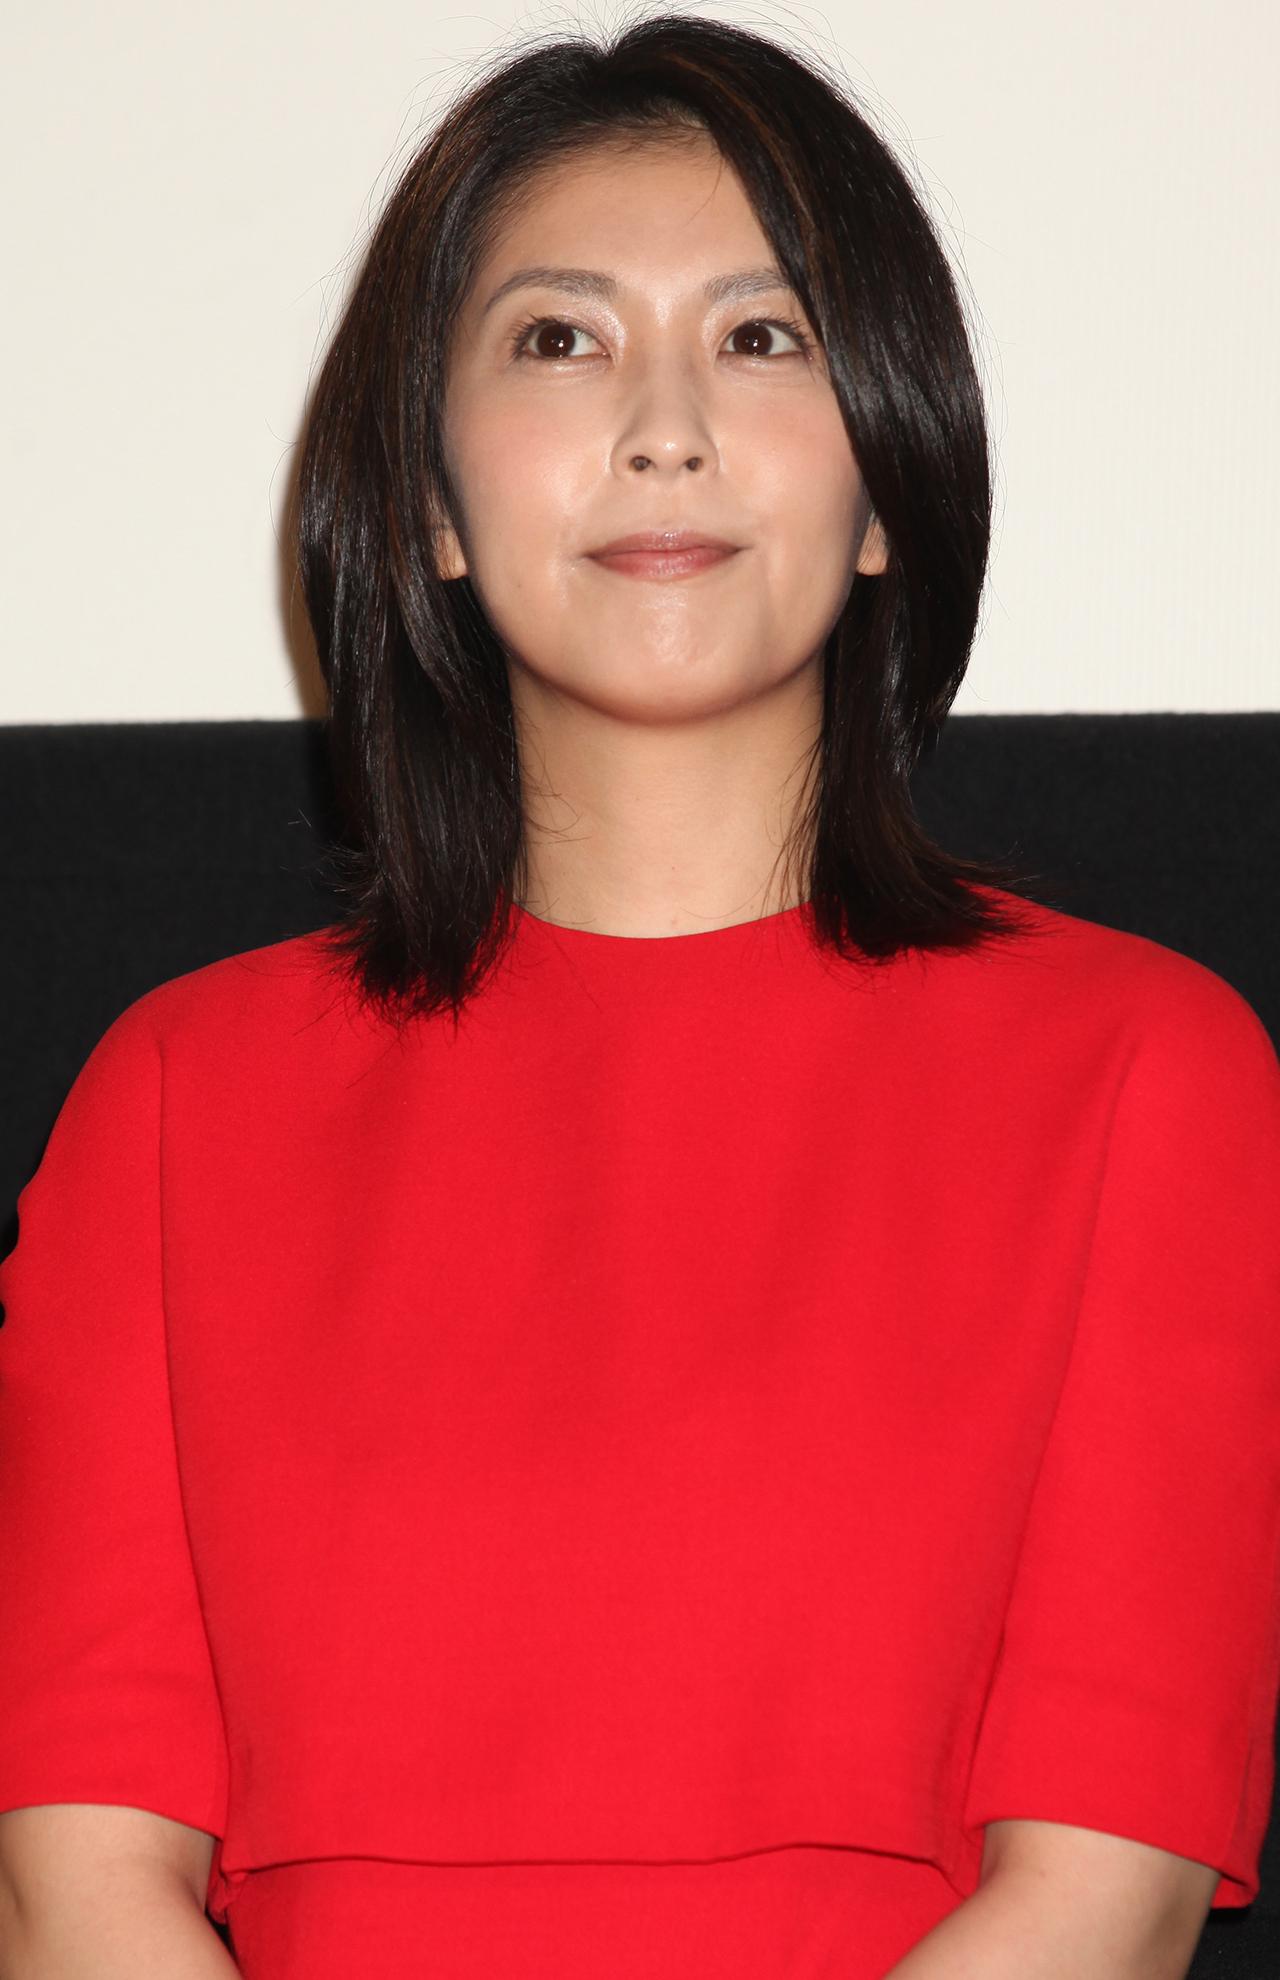 松たか子、10年ぶりに主演するTBS系連ドラ(来年1月にスタート)の内容とは